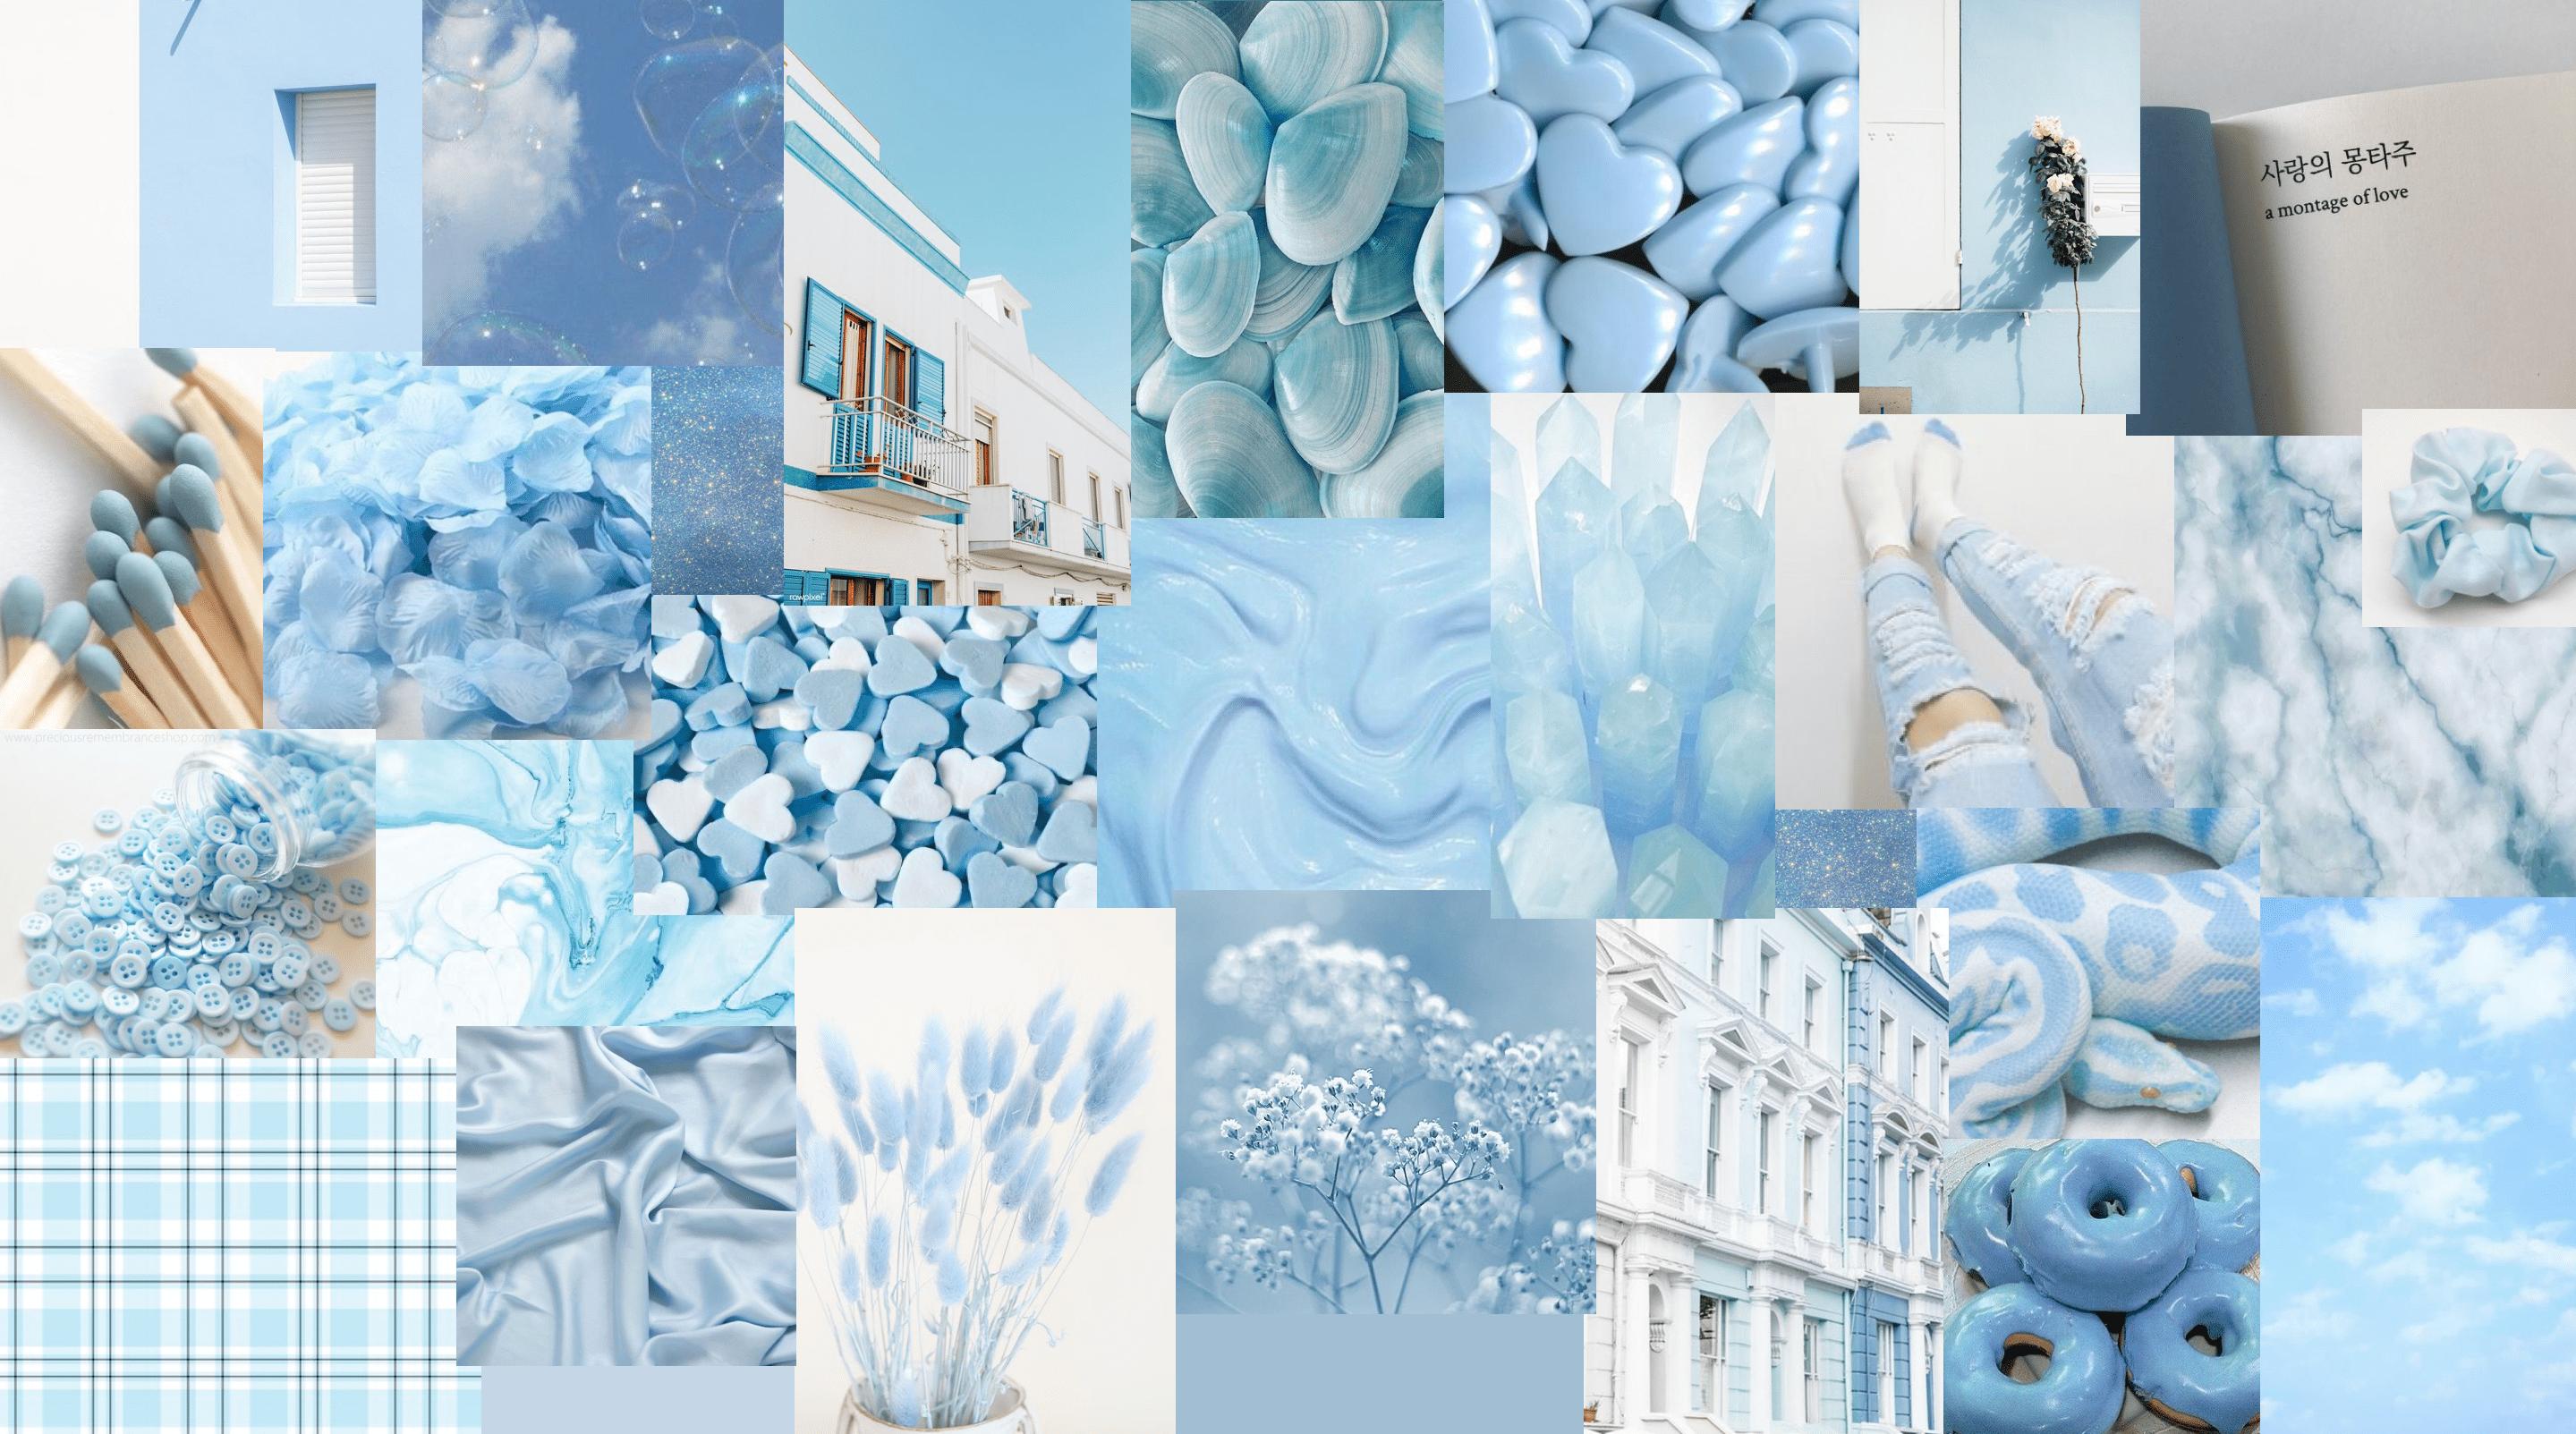 Aesthetic Light Blue Macbook Wallpapers Top Free Aesthetic Light Blue Macbook Backgrounds Wallpaperaccess